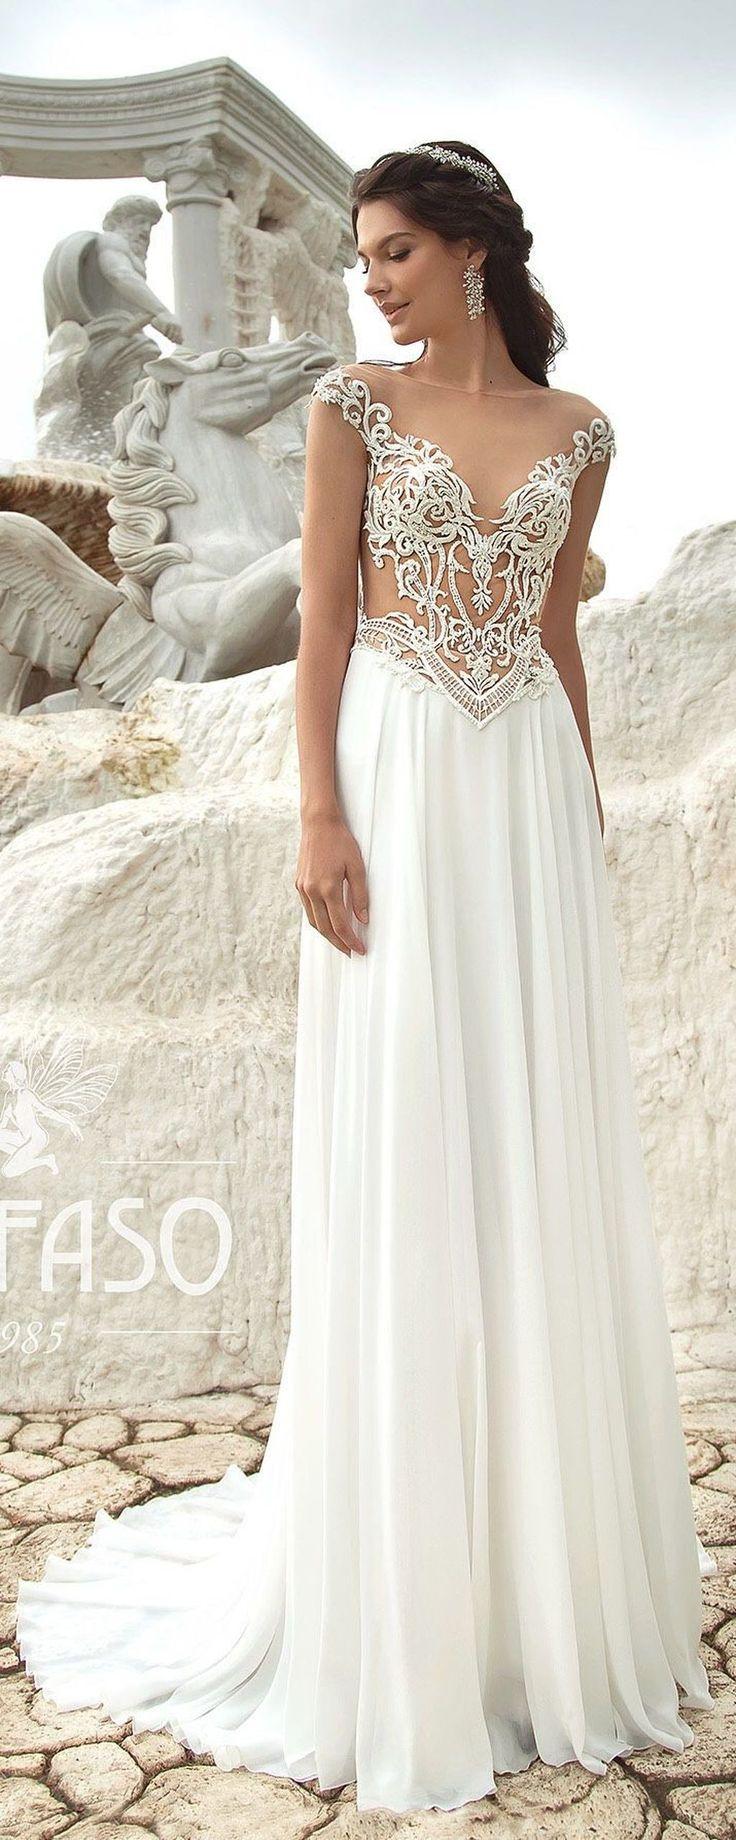 35 best Brautkleider / Gelinlik images on Pinterest | Bridle dress ...